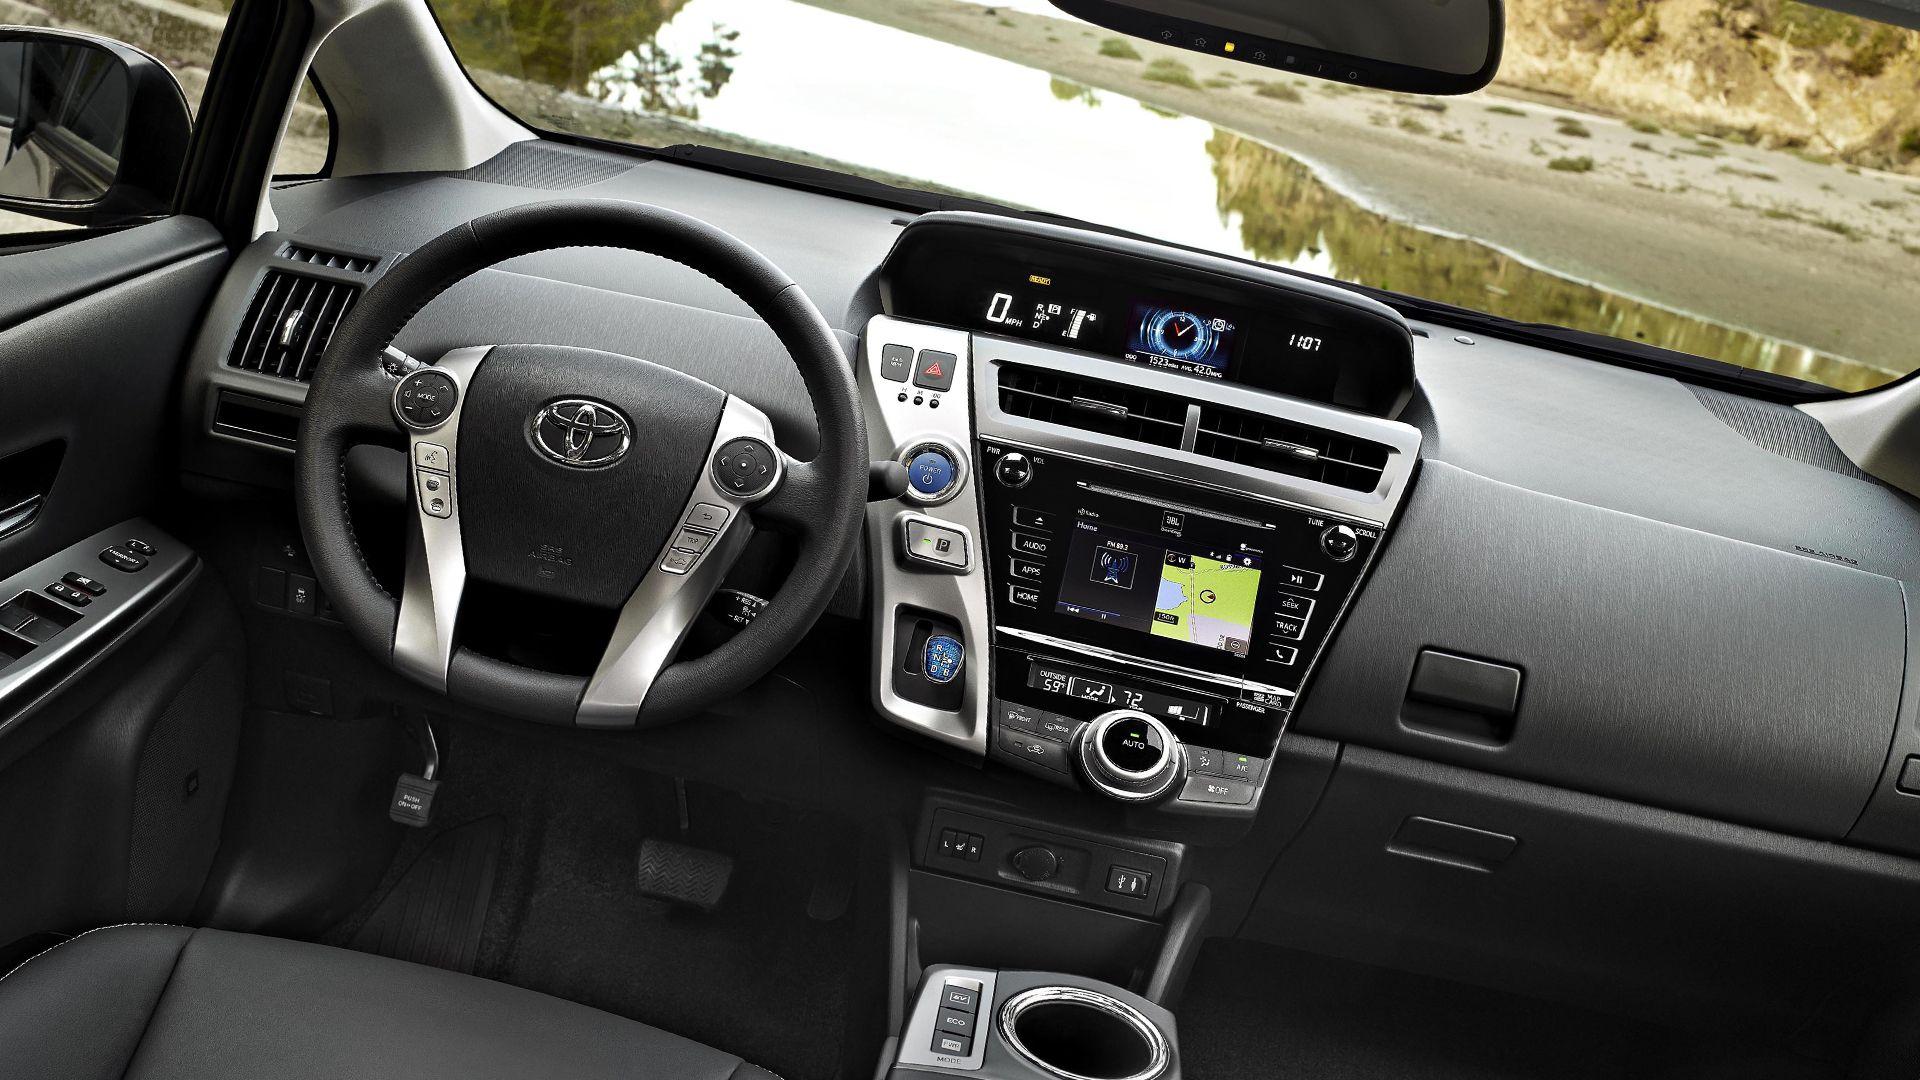 New 2019 Toyota Prius v Interior Design